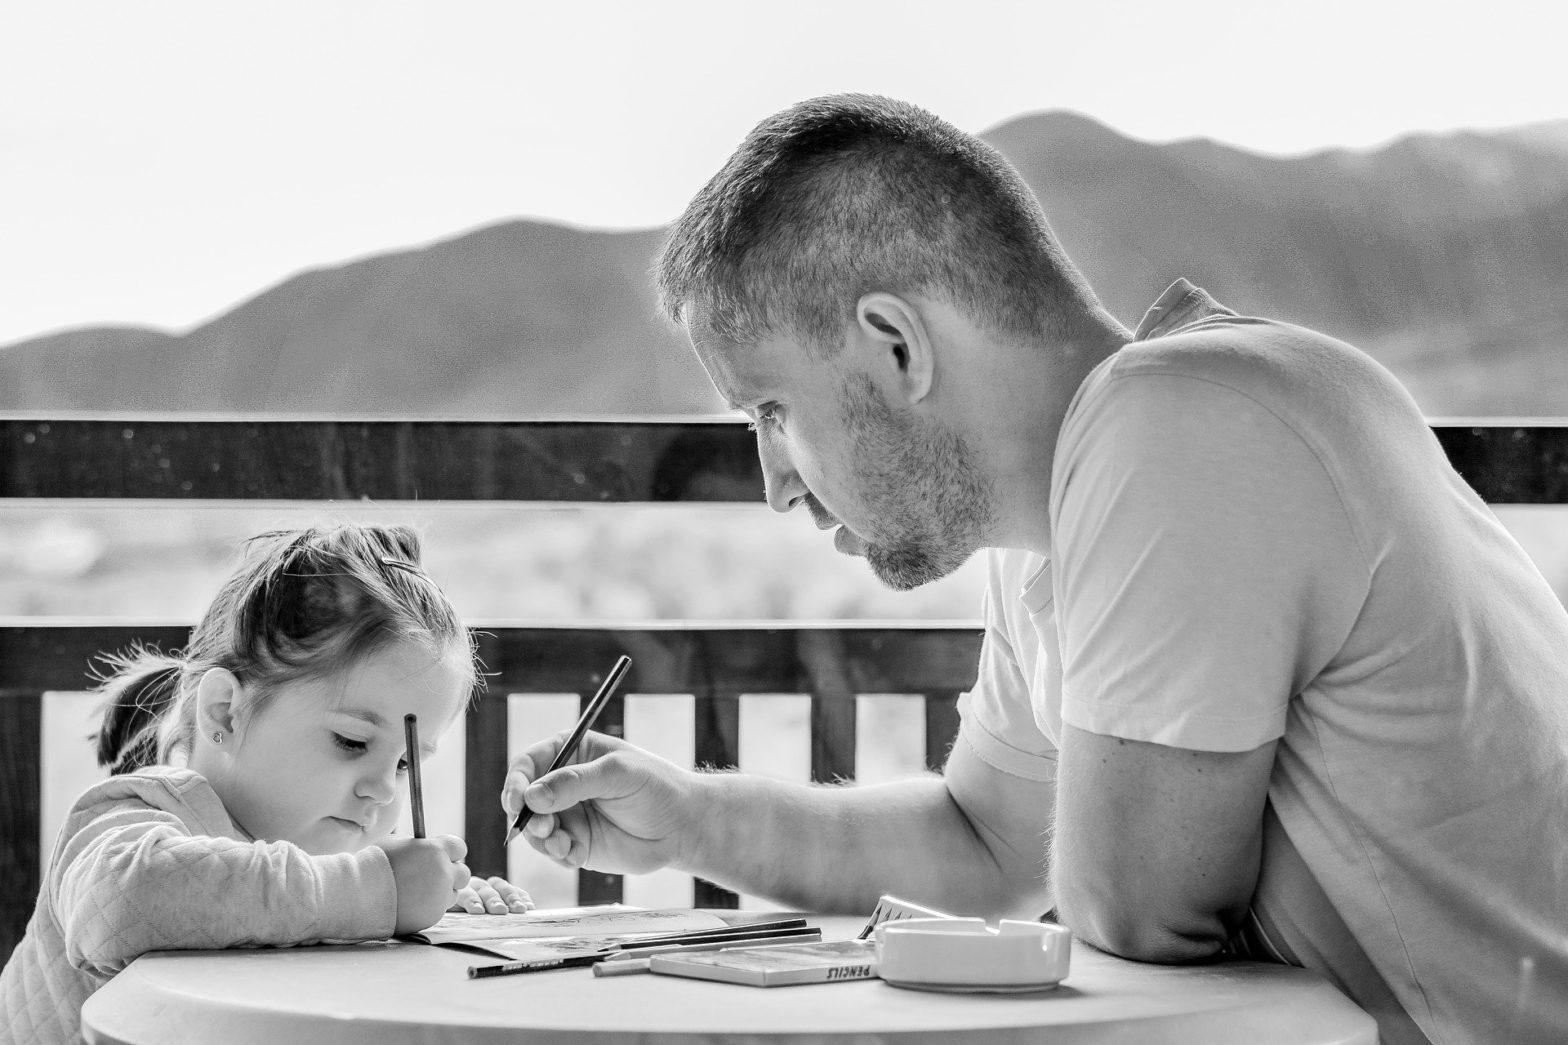 חשיבות הקשר בין אב לבתו